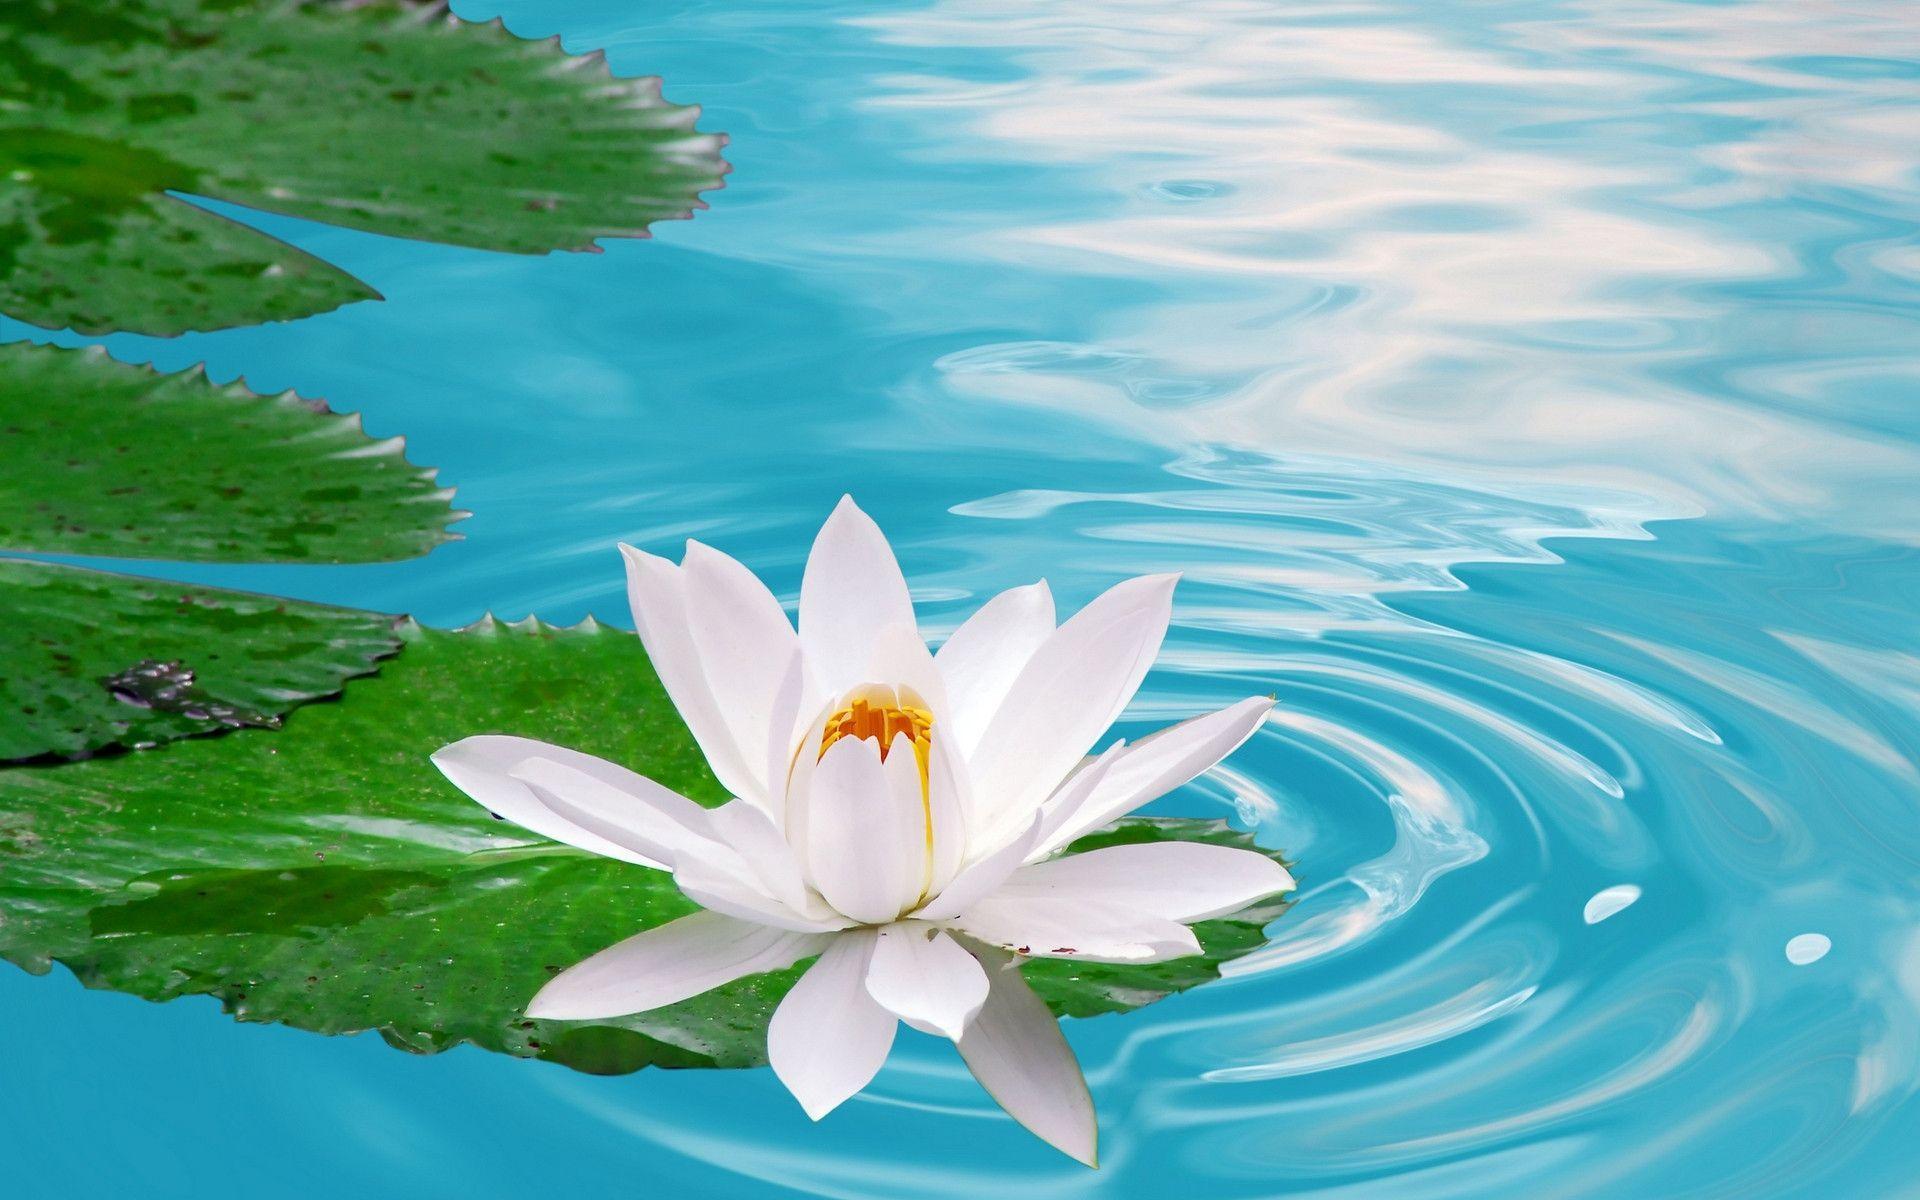 lotus flower wallpaper - Funky Fevar